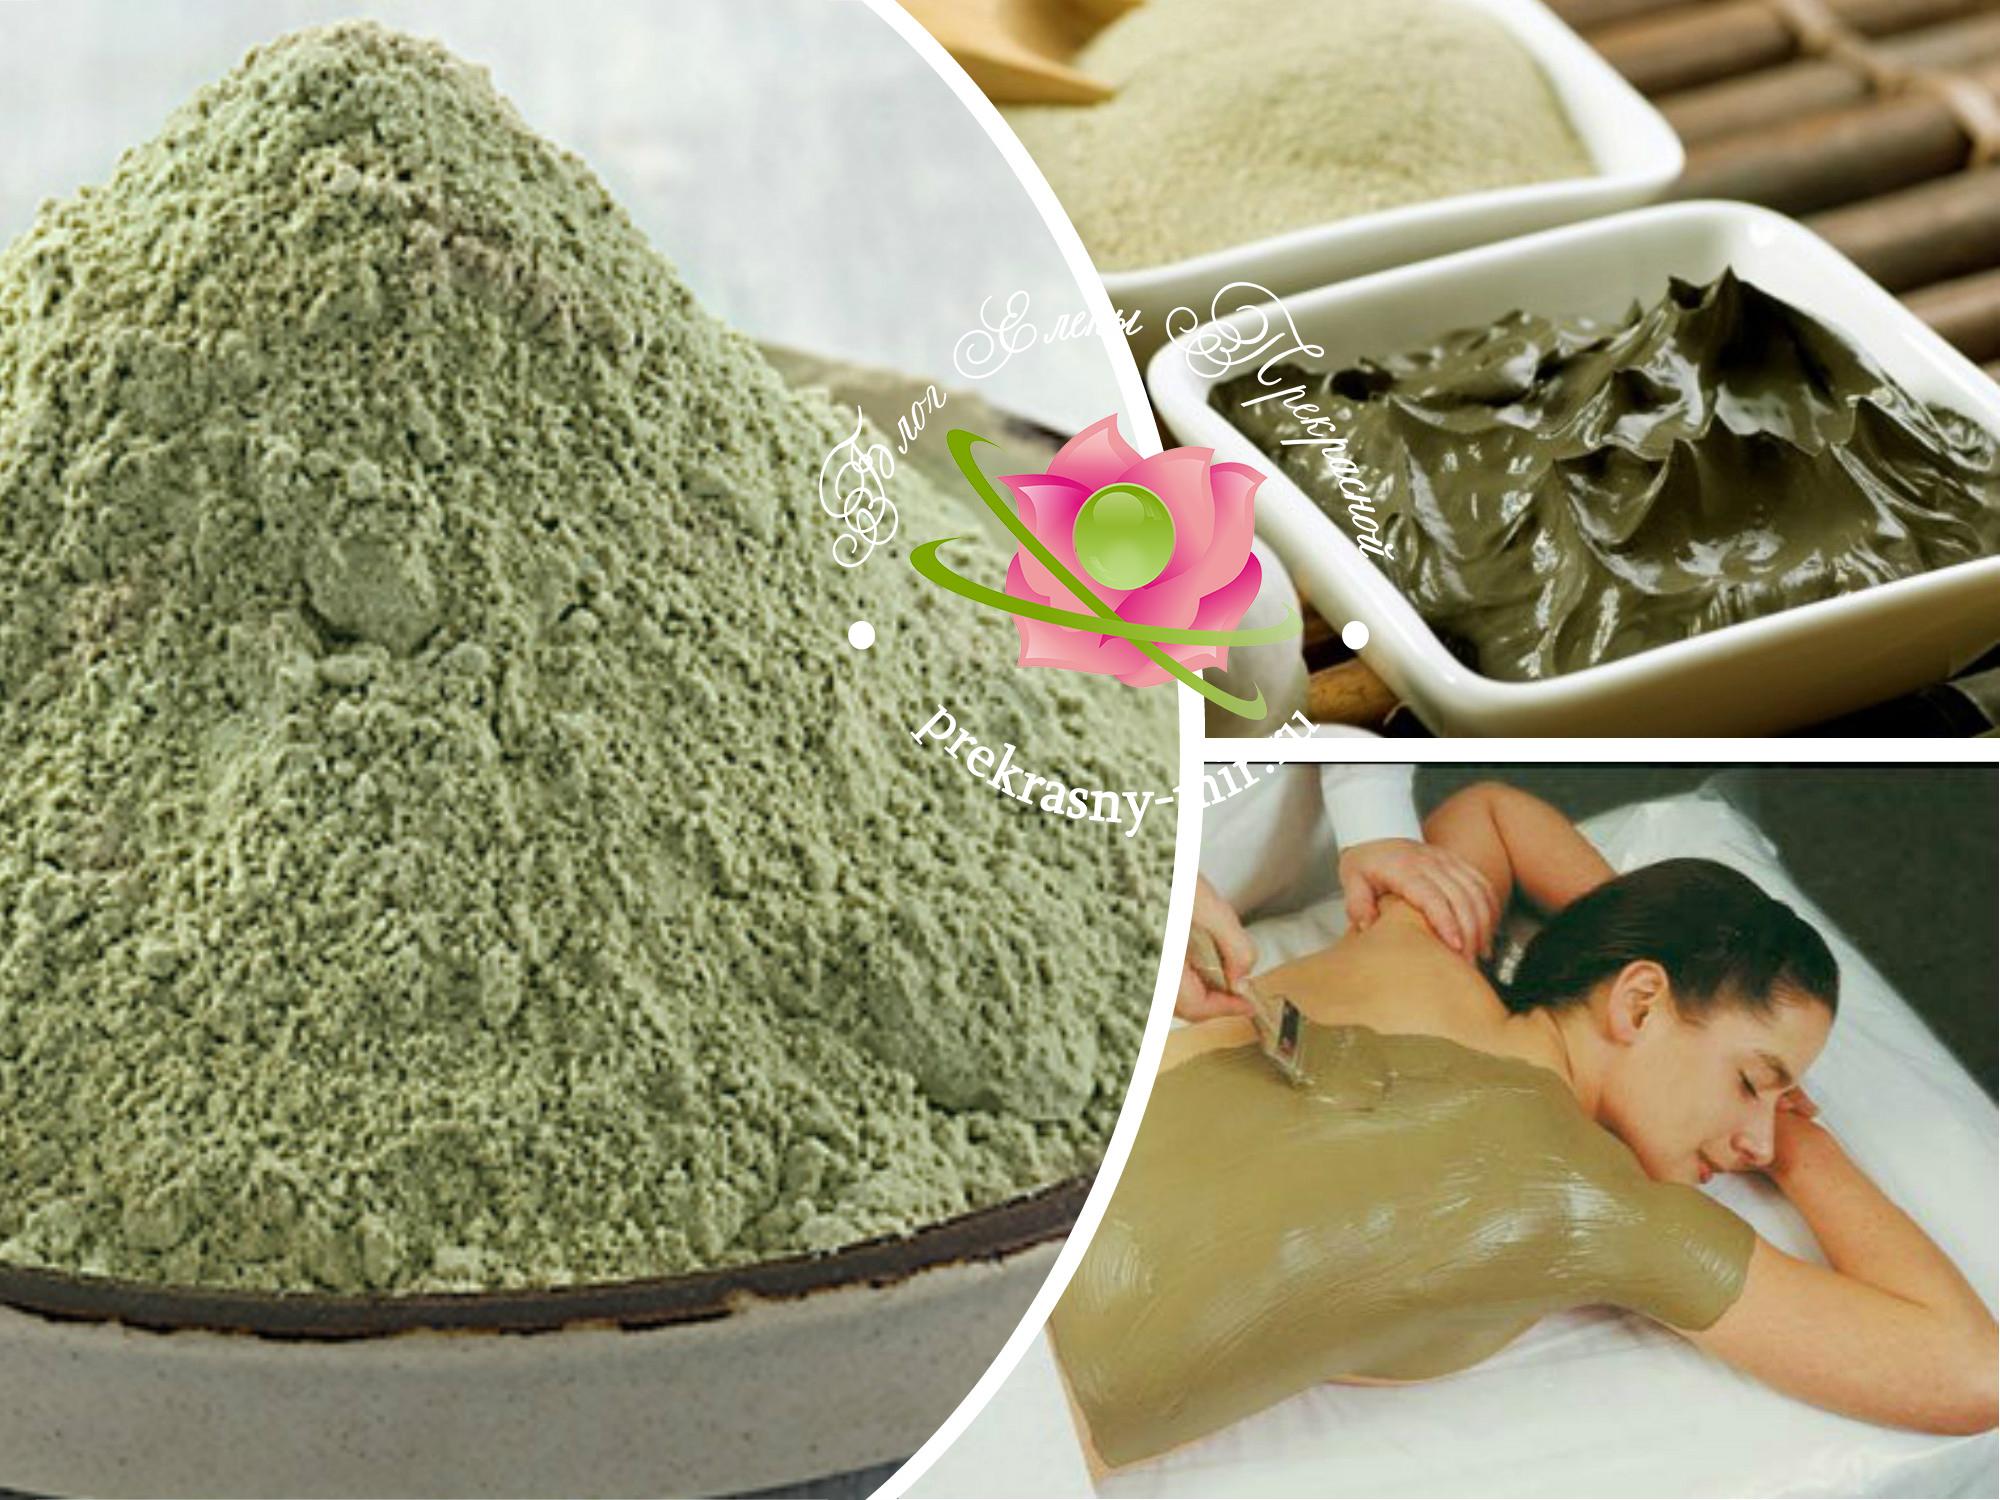 обертывания с зеленой глиной